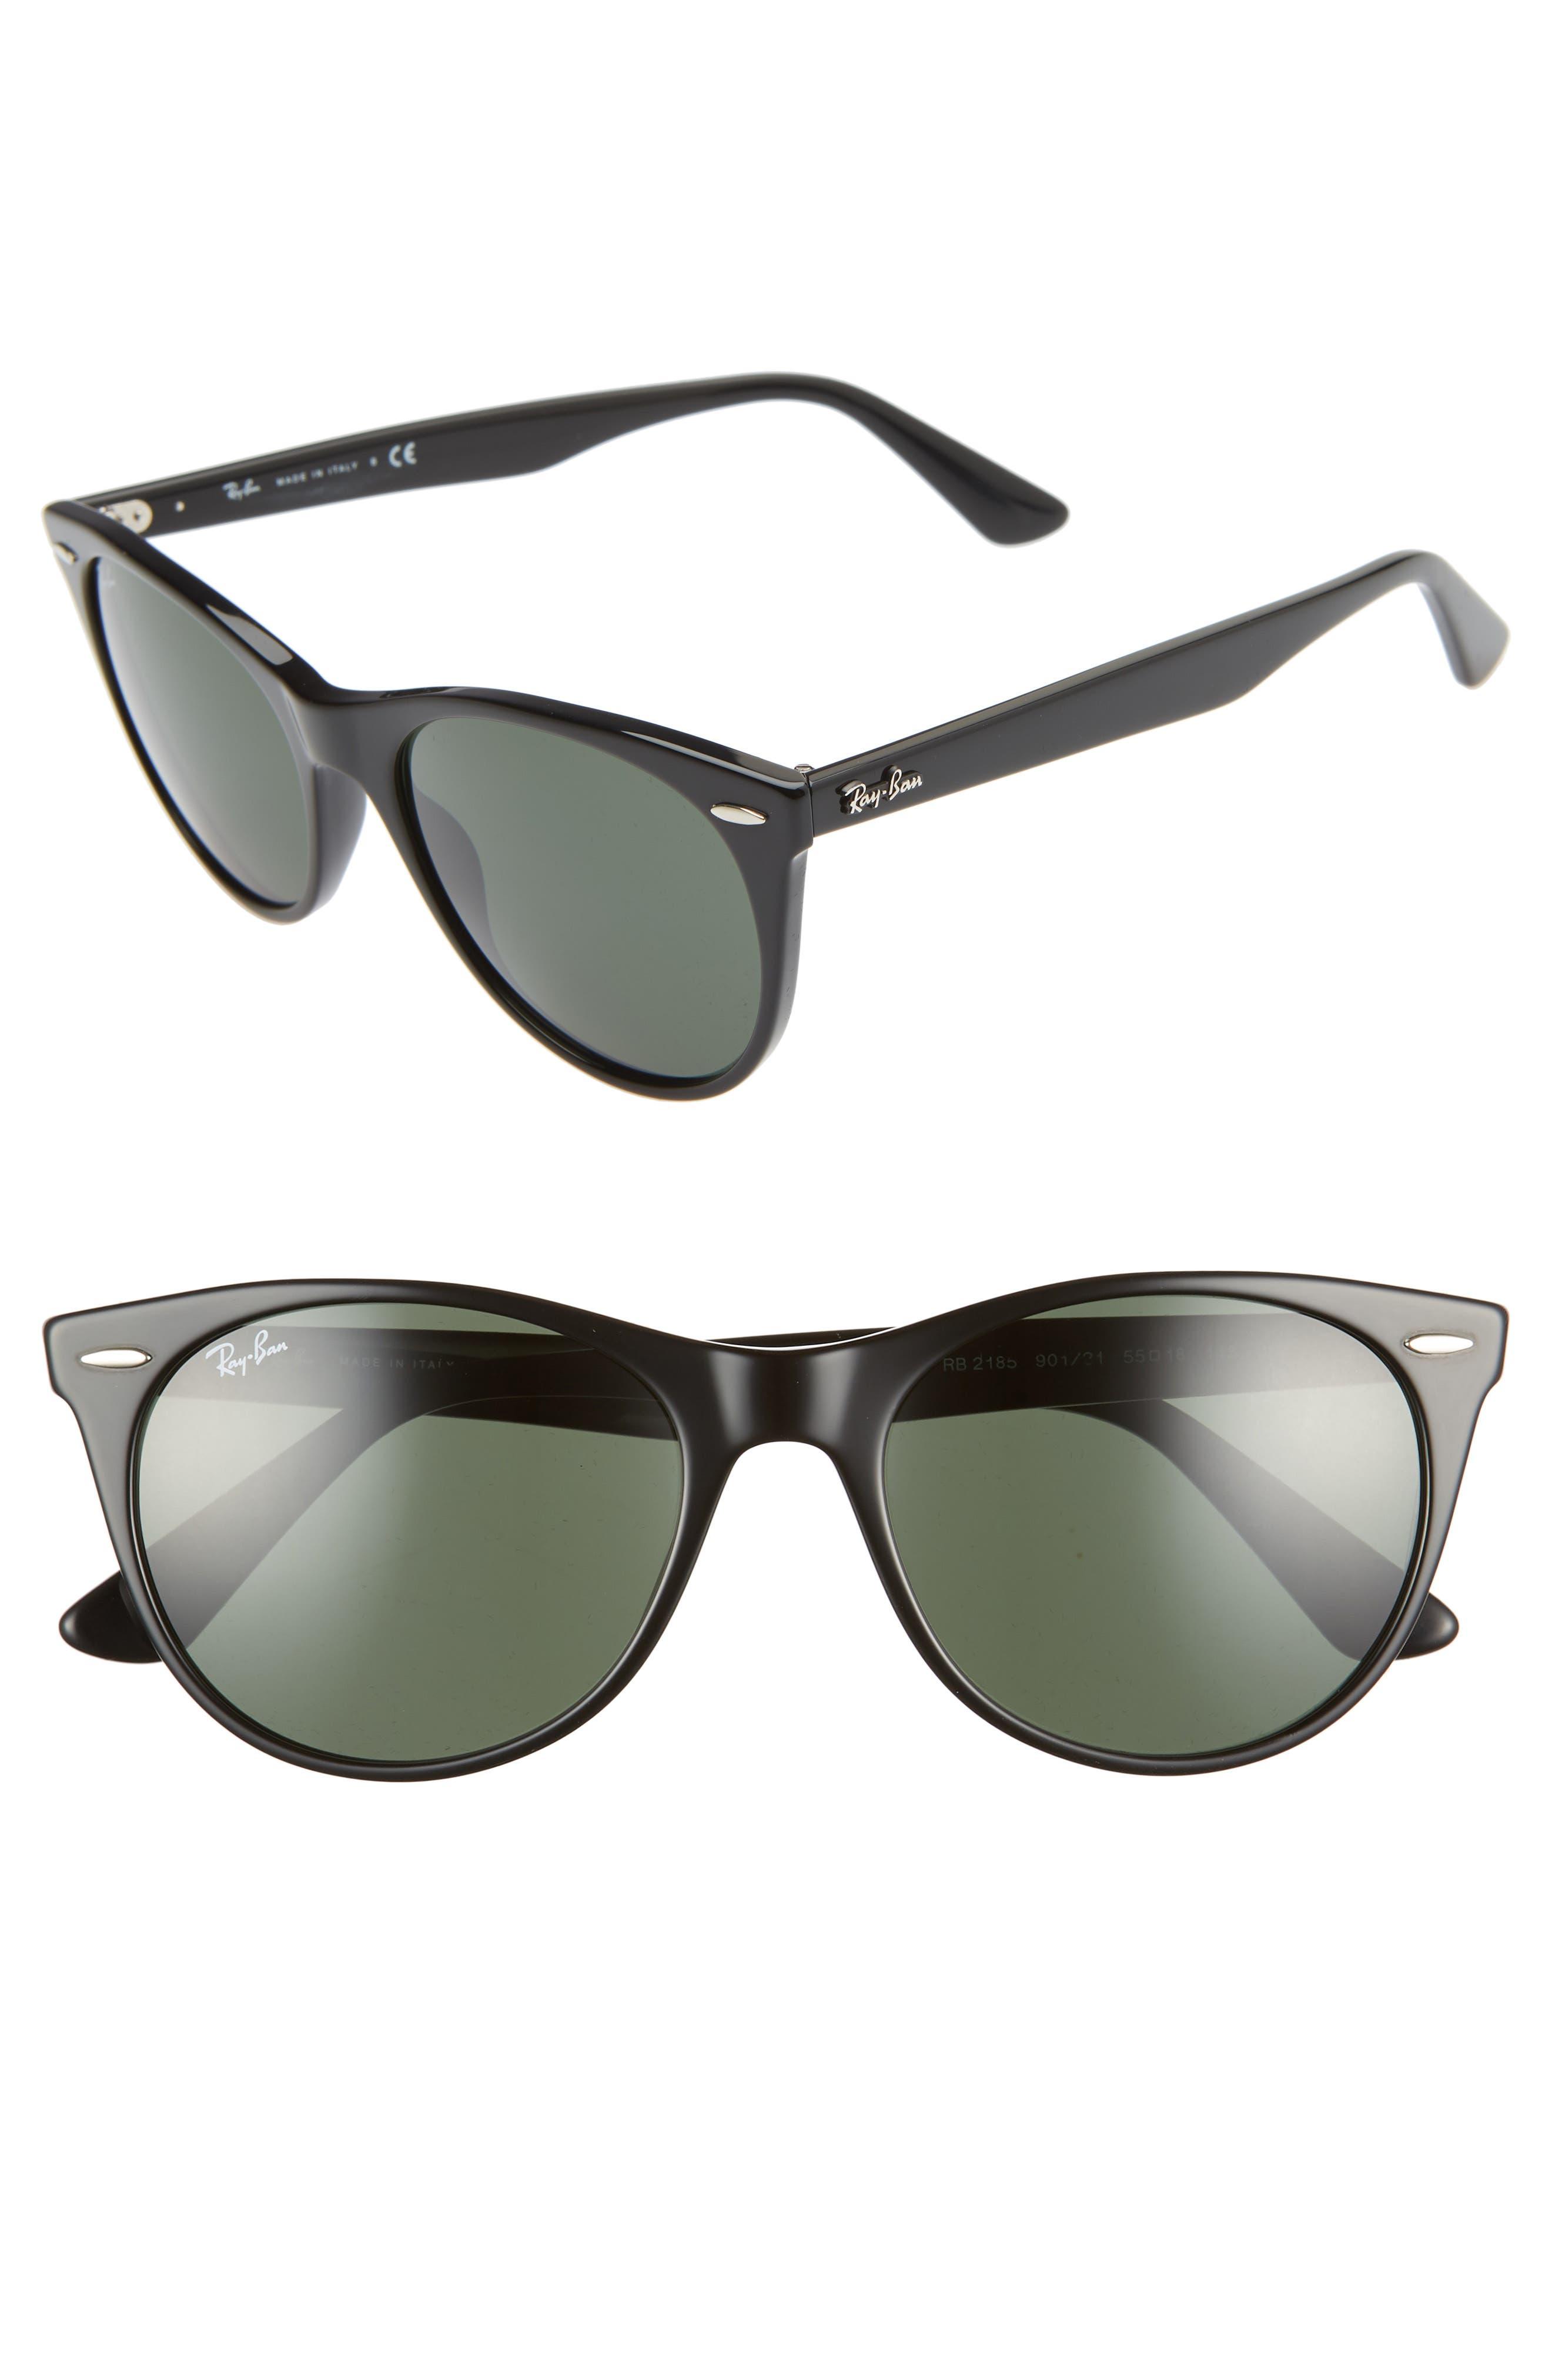 6b3e863ad8 1950s Sunglasses   50s Glasses